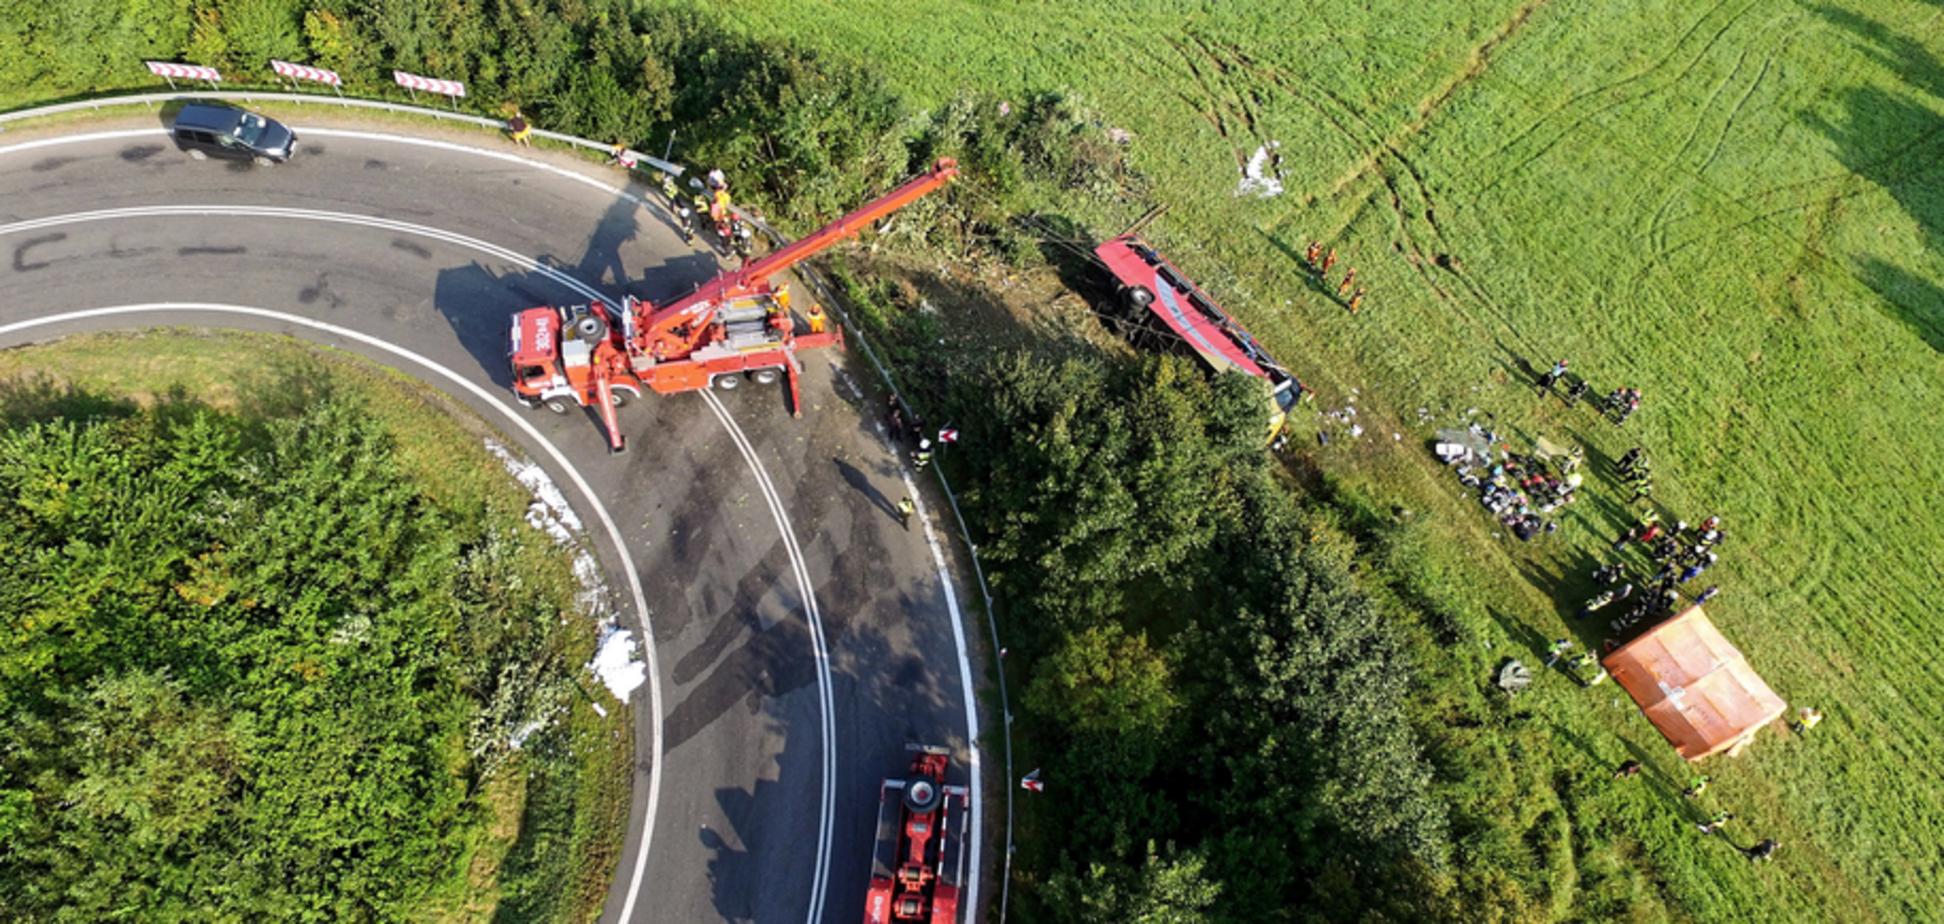 Смертельное ДТП с украинским автобусом в Польше: в крови водителя нашли наркотики